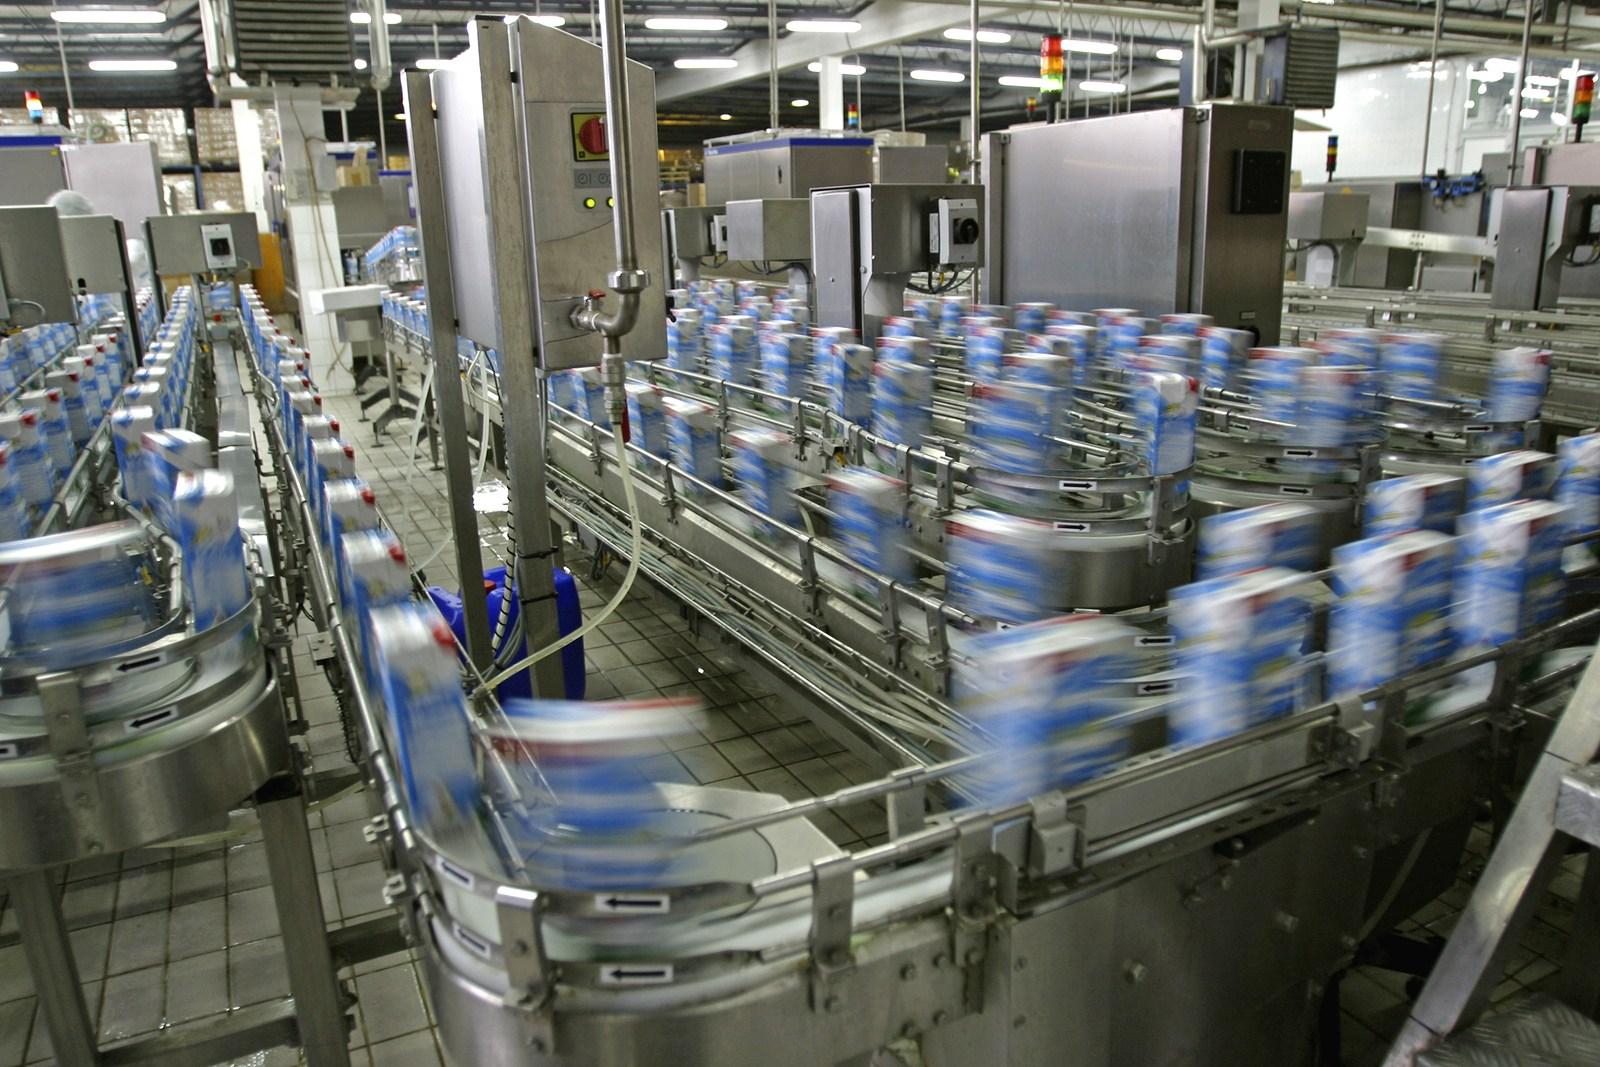 2017թ. հունվար-նոյեմբերին Հայաստանում կաթի արտադրությունն աճել է 0.5%-ով